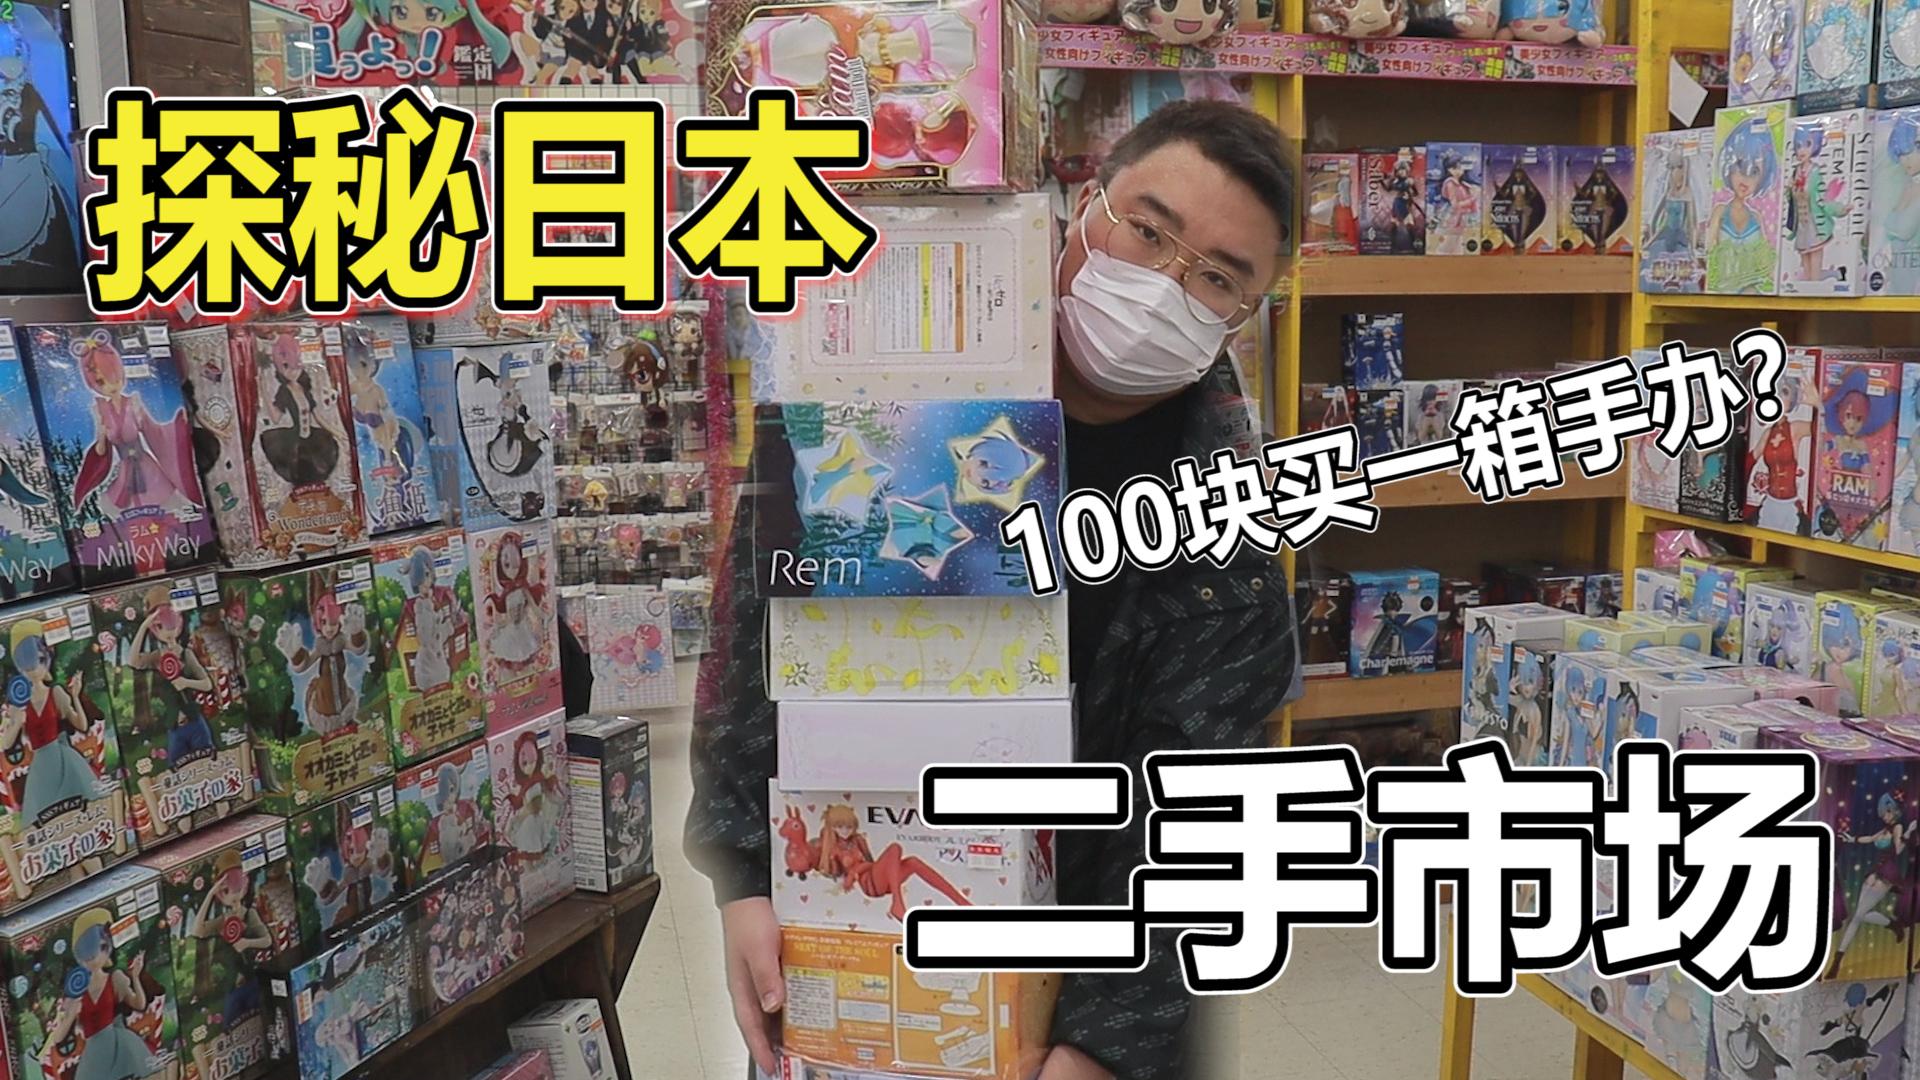 日本二手市场原来是这样!100块钱能买一箱手办?